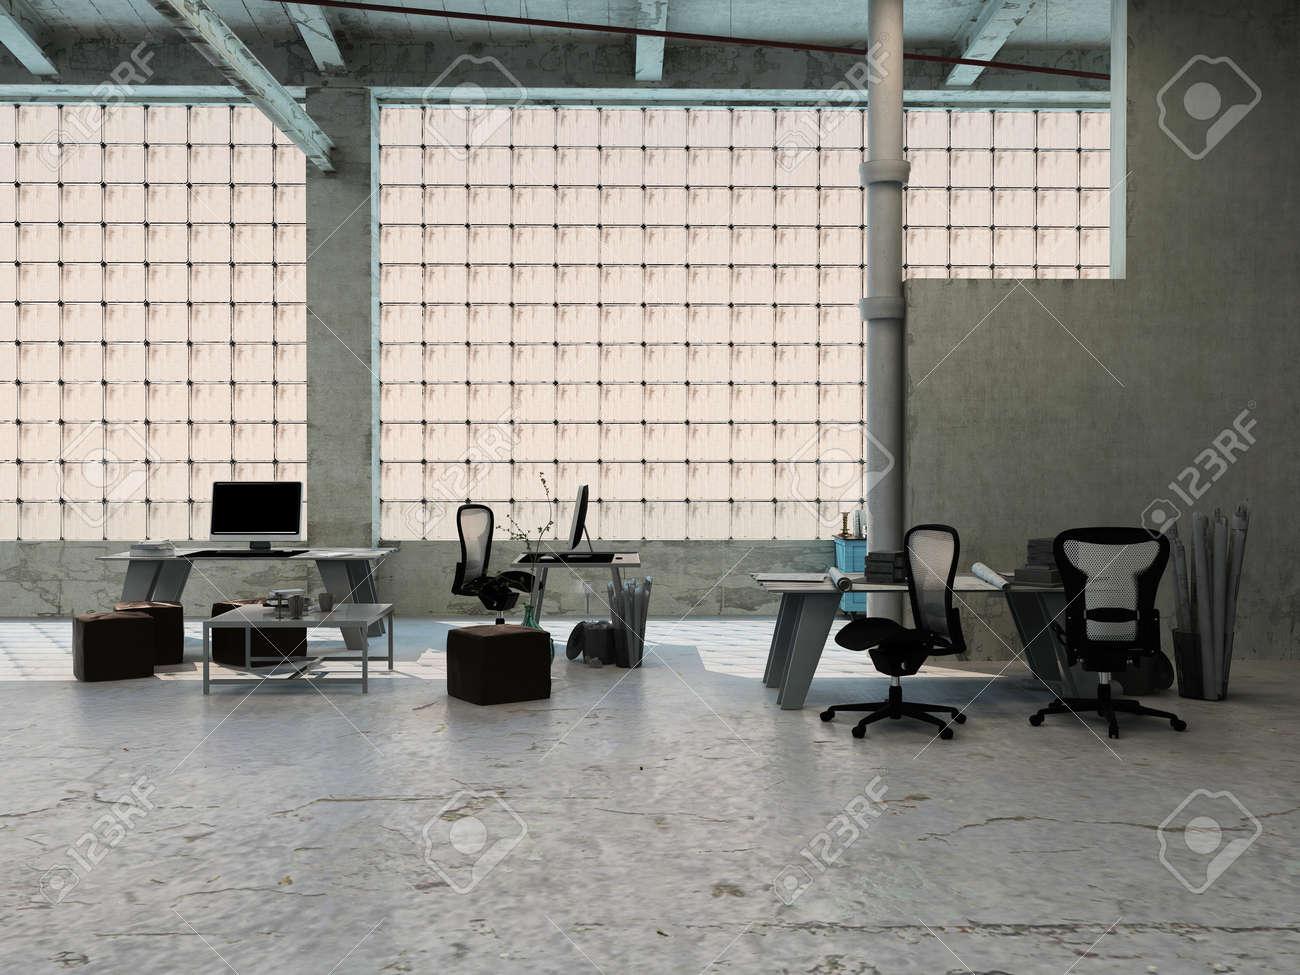 Frente Grandes Dispuestos En De Pequeña Industrial Loft Y Ventanas Un Oficina Con MesasTaburetesSillas Equipos Rea tQdshr